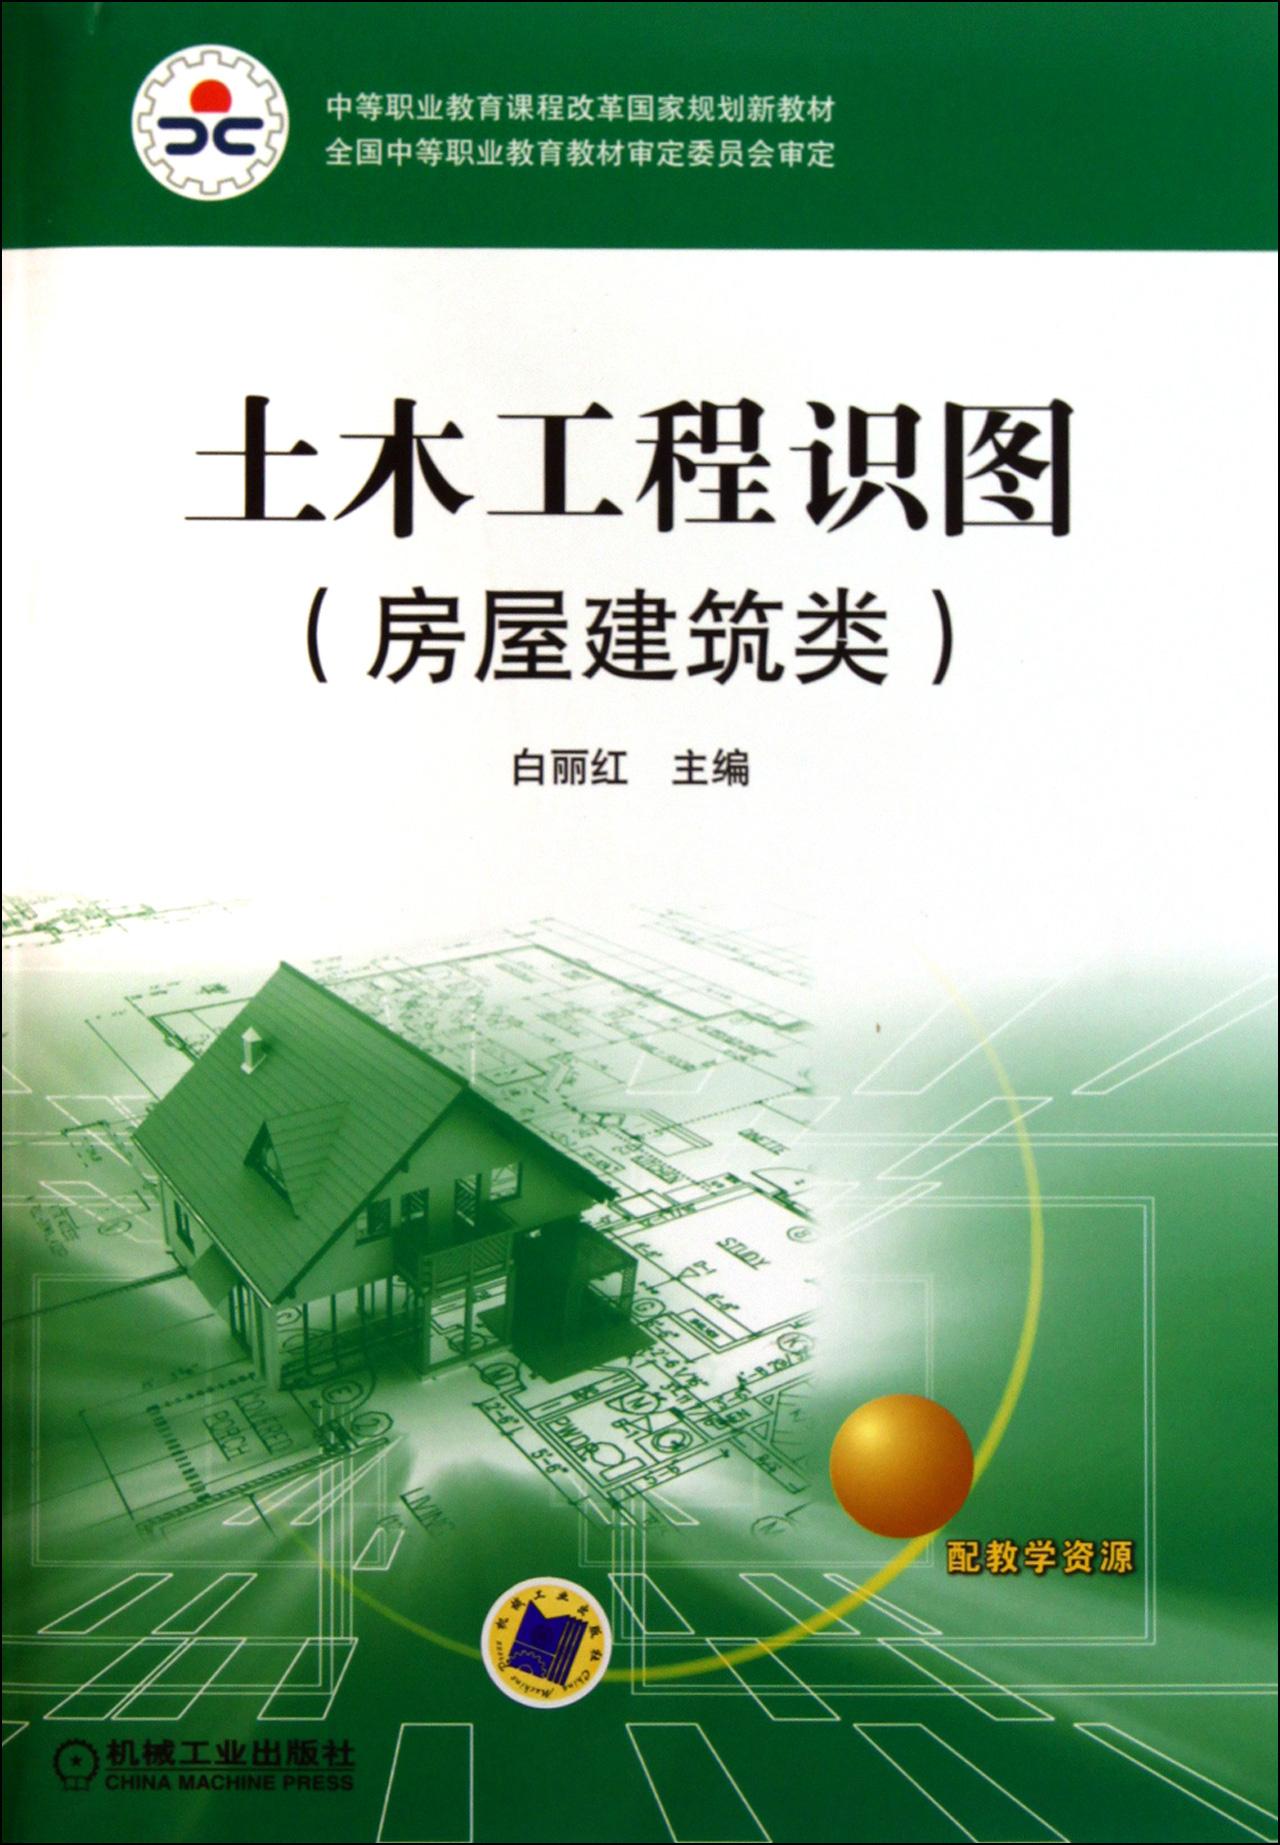 土木工程识图房屋建筑类中等职业教育课程改革国家新